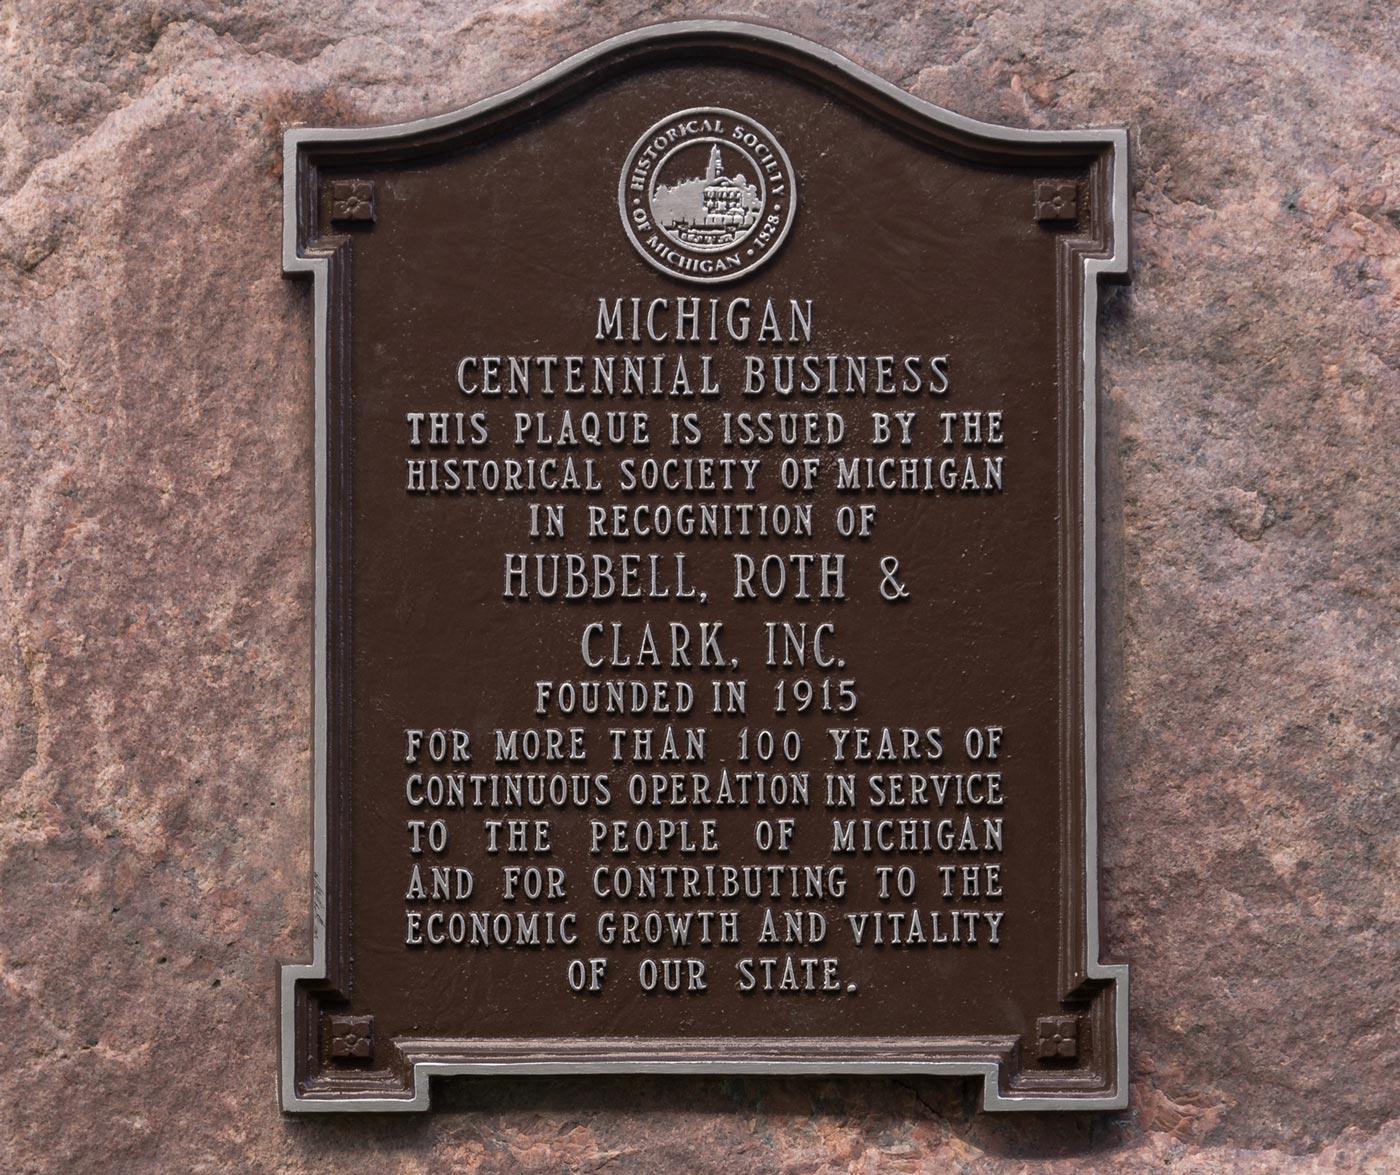 centennial plaque honoring hrc